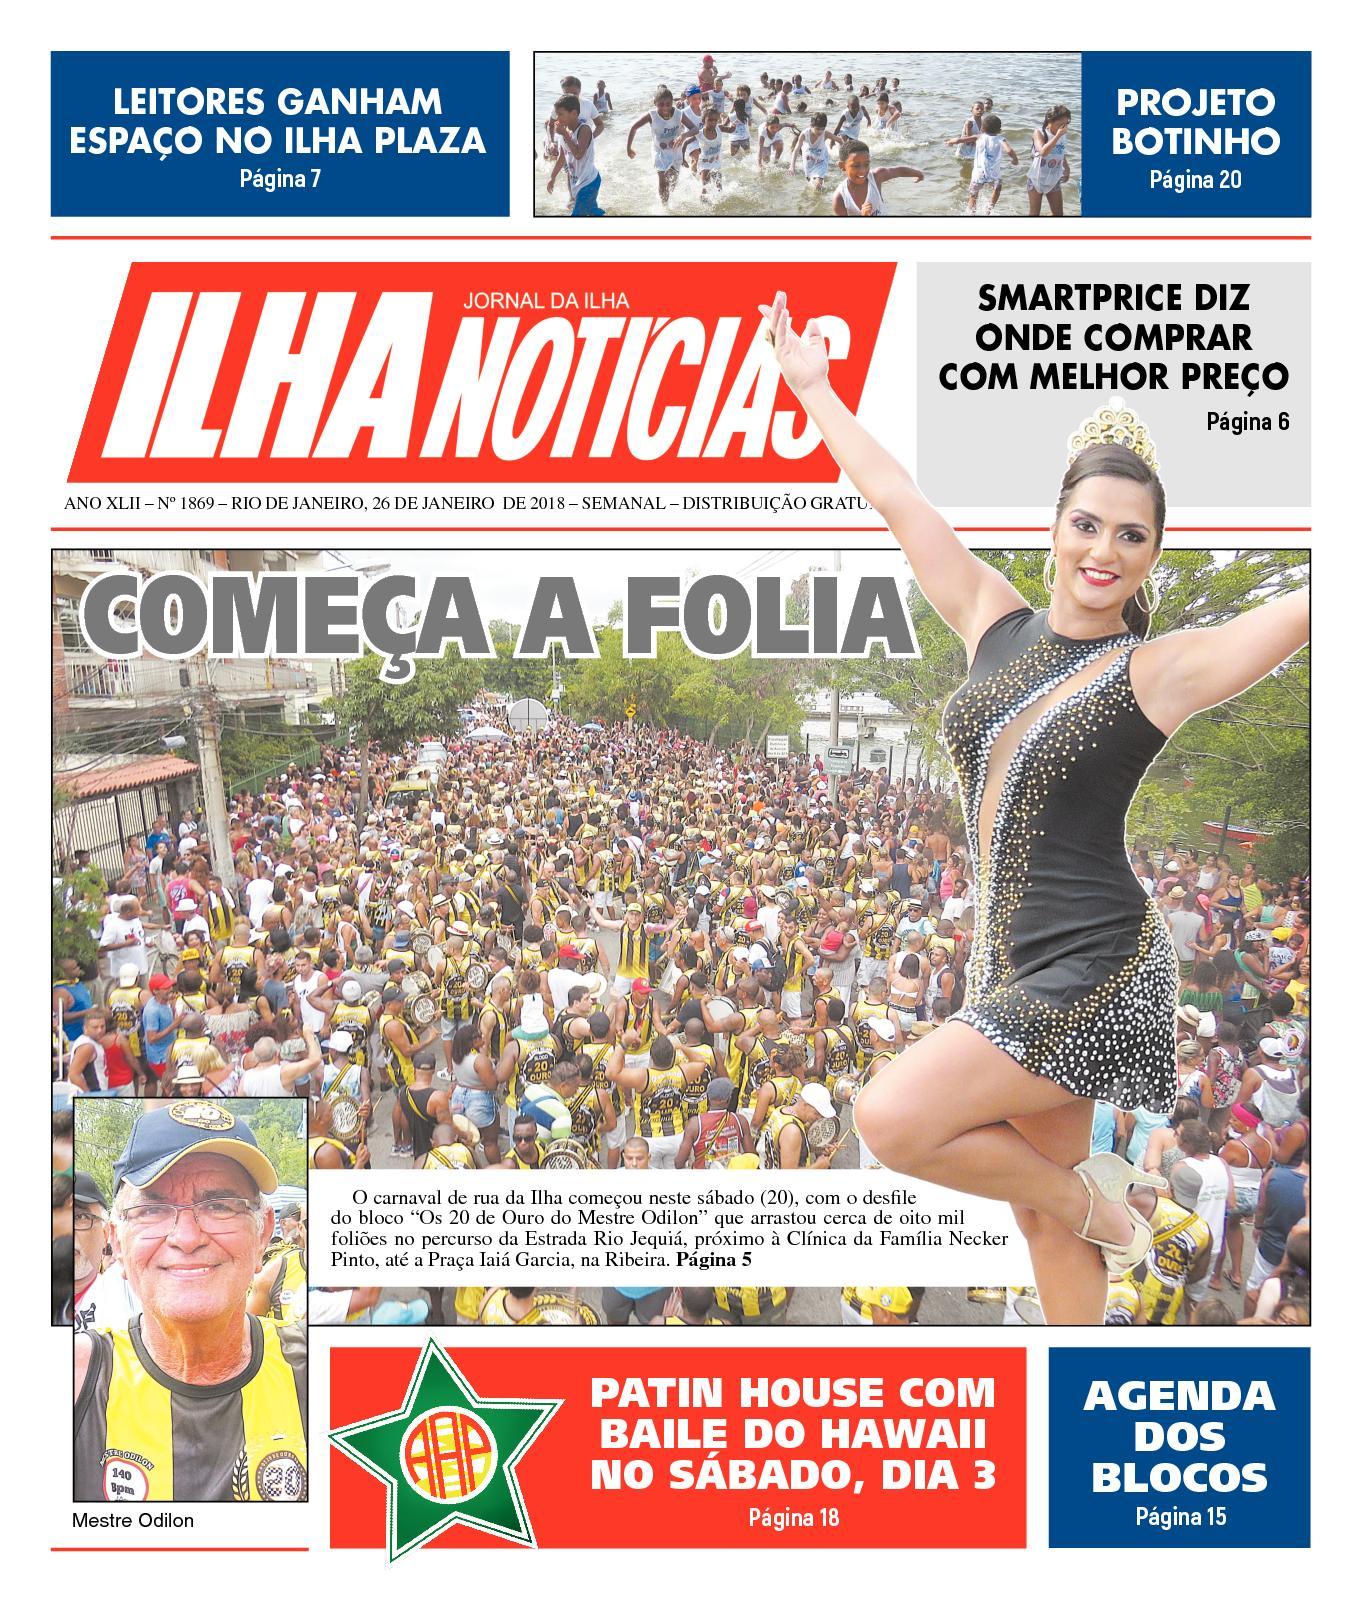 c81a3aaffc Calaméo - Ilha Noticias - Edição 1869 - 26 01 2018